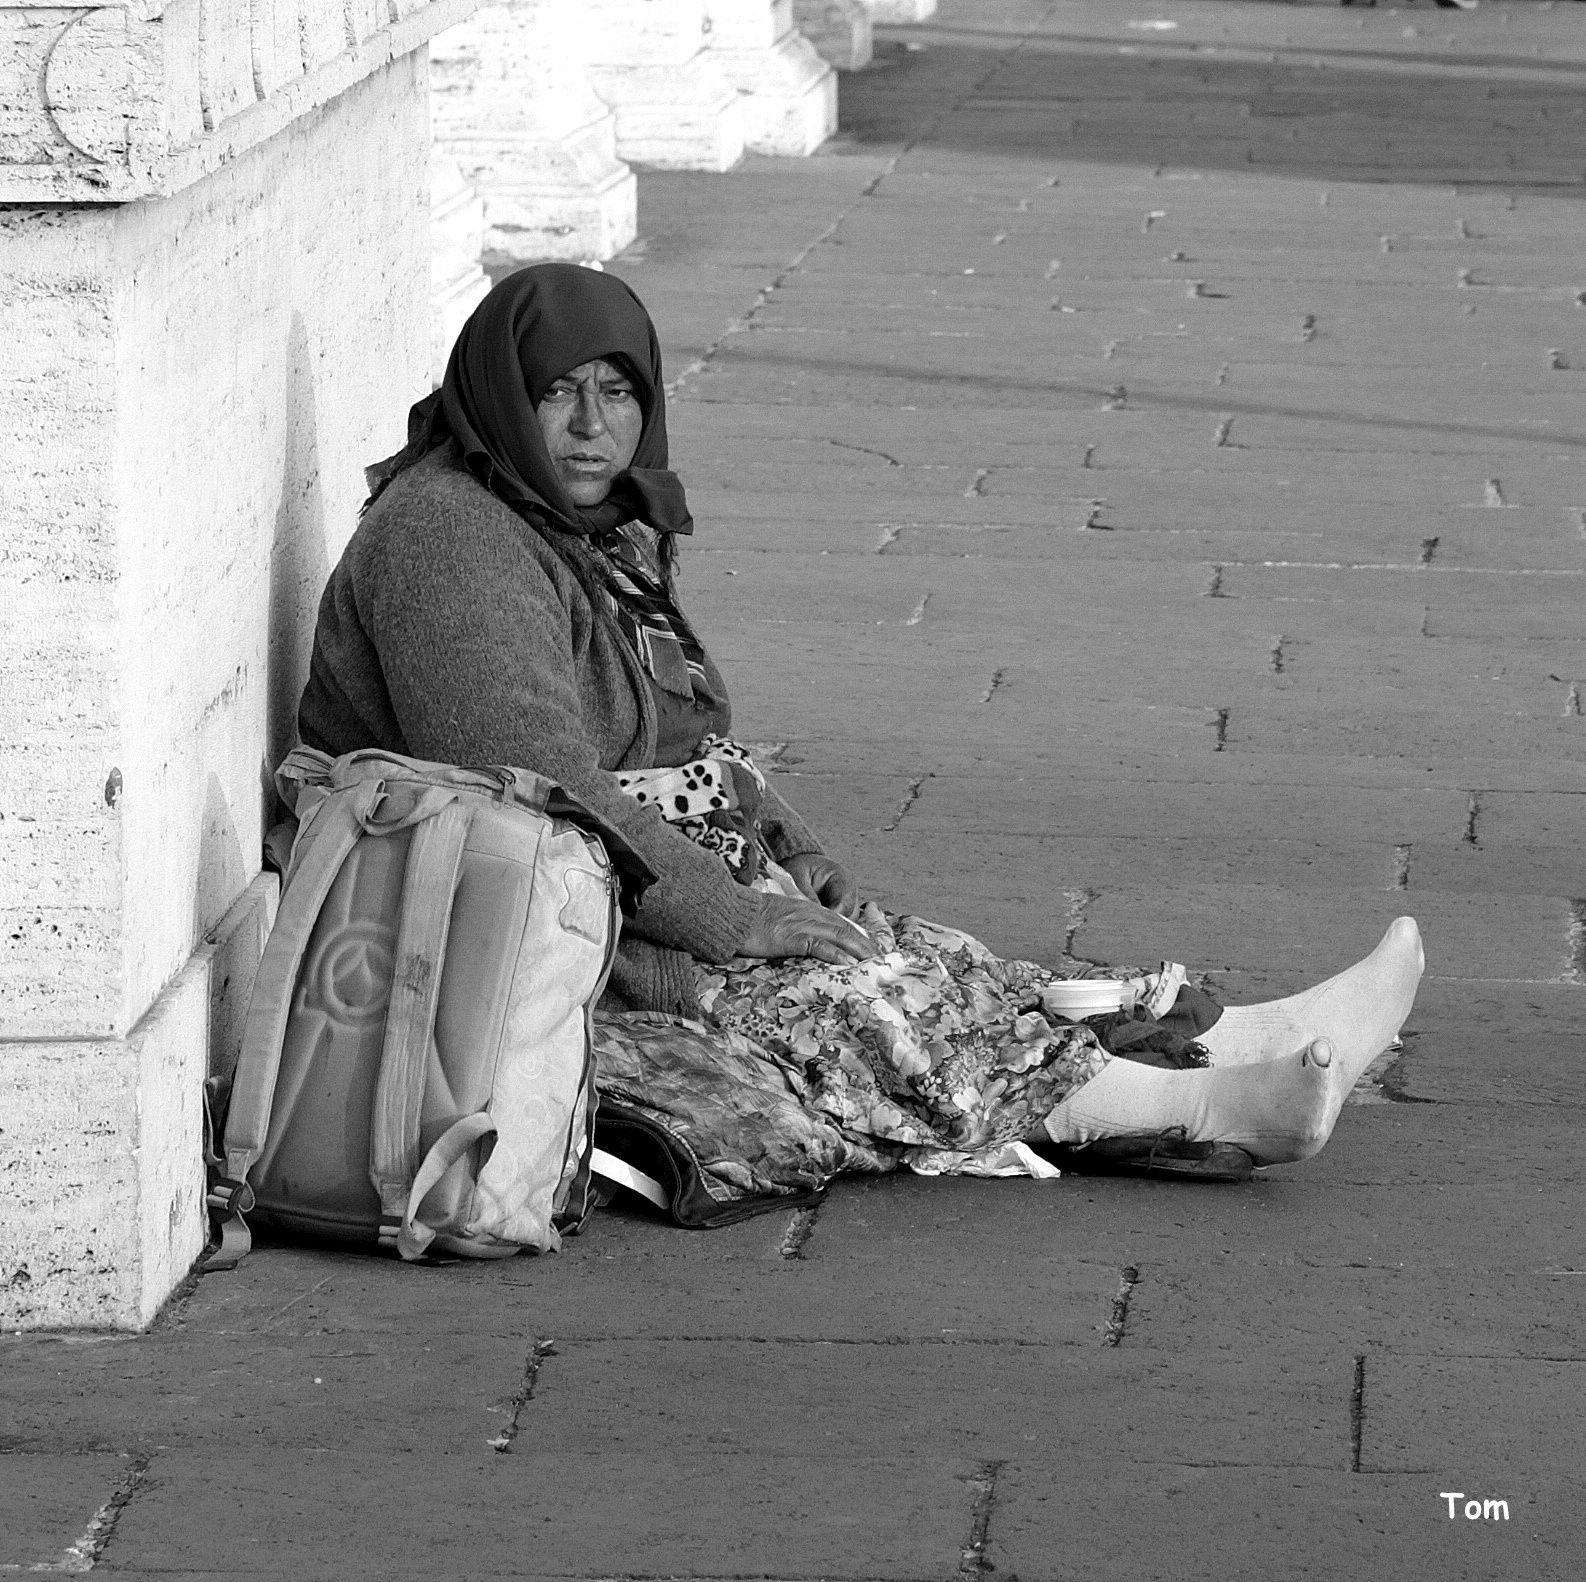 """""""Seule au monde"""" - Le monde souffre de ne pas avoir assez de mendiants pour rappeler aux hommes la douceur d'un geste fraternel"""